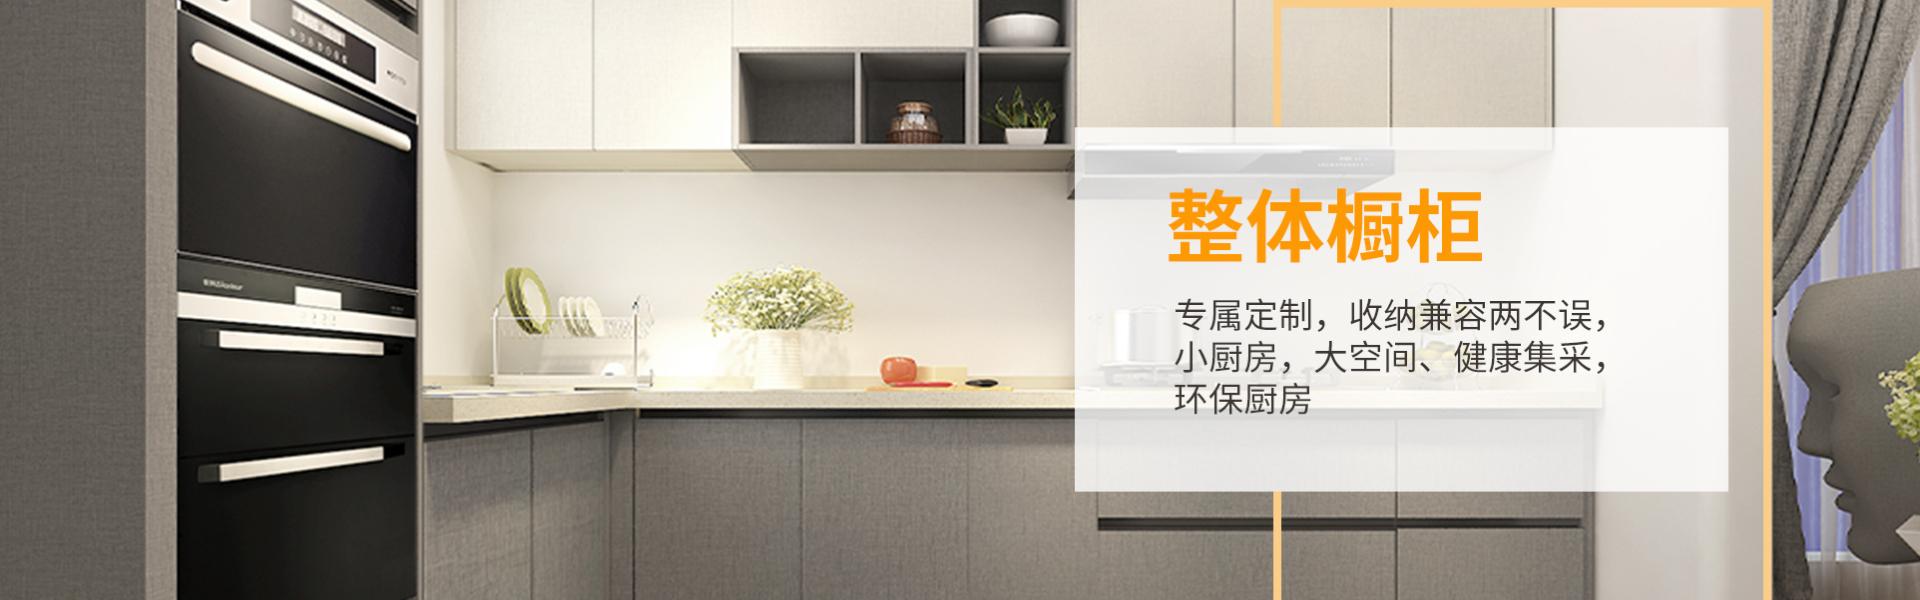 烟台整体橱柜定制联系荣事达,专属定制,收纳兼容两不误,小厨房,大空间,健康环保厨房!